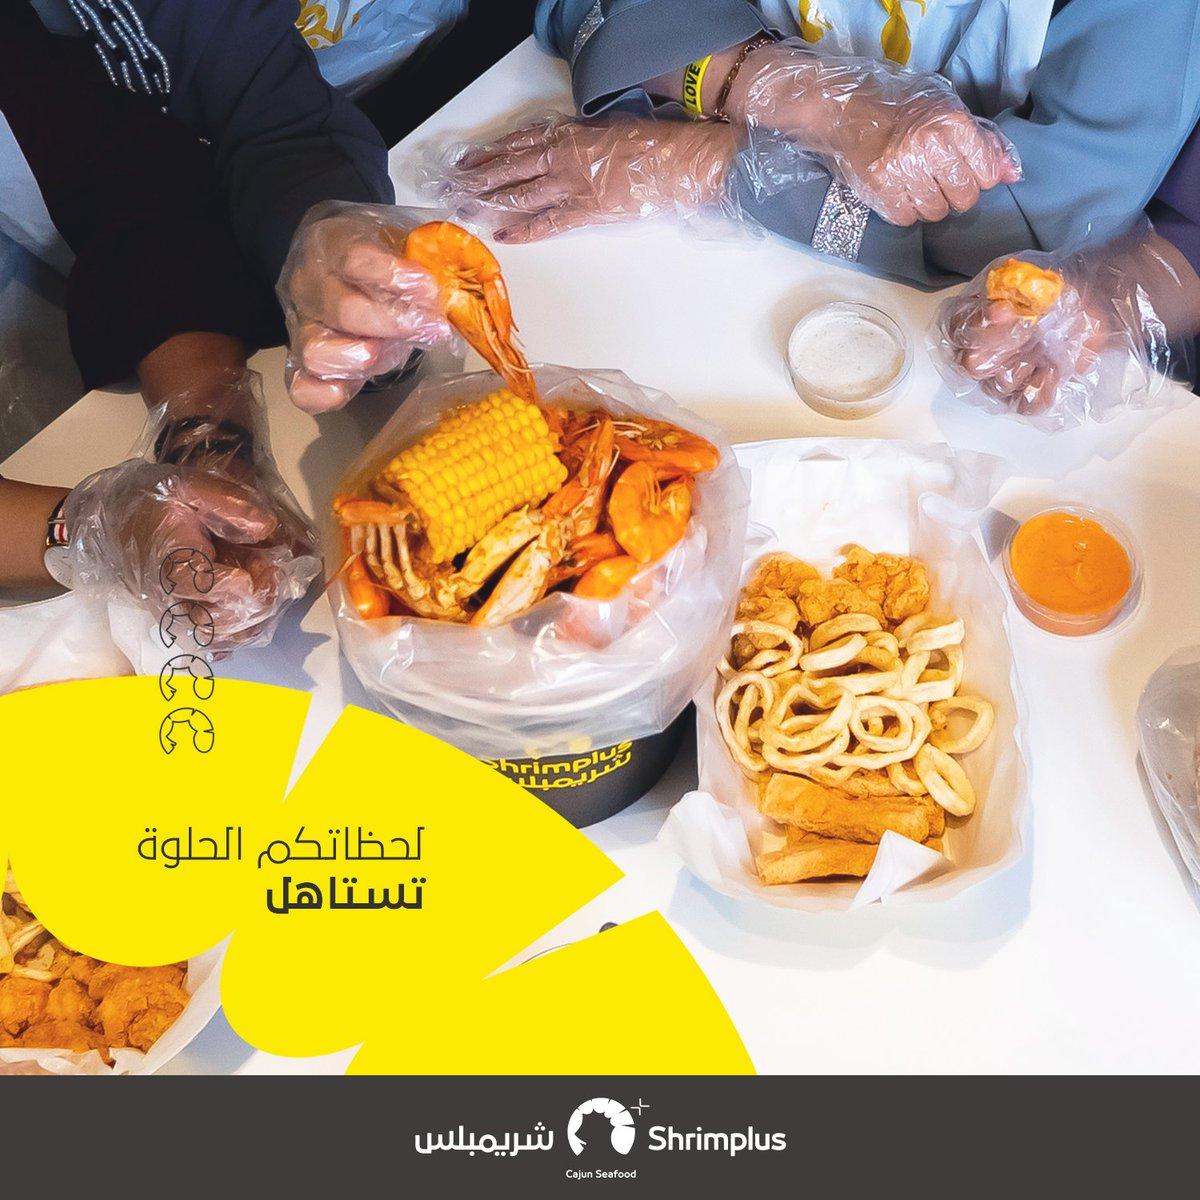 مطعم شريمبلس في الرياض السعر المنيو العنوان كافيهات و مطاعم الرياض